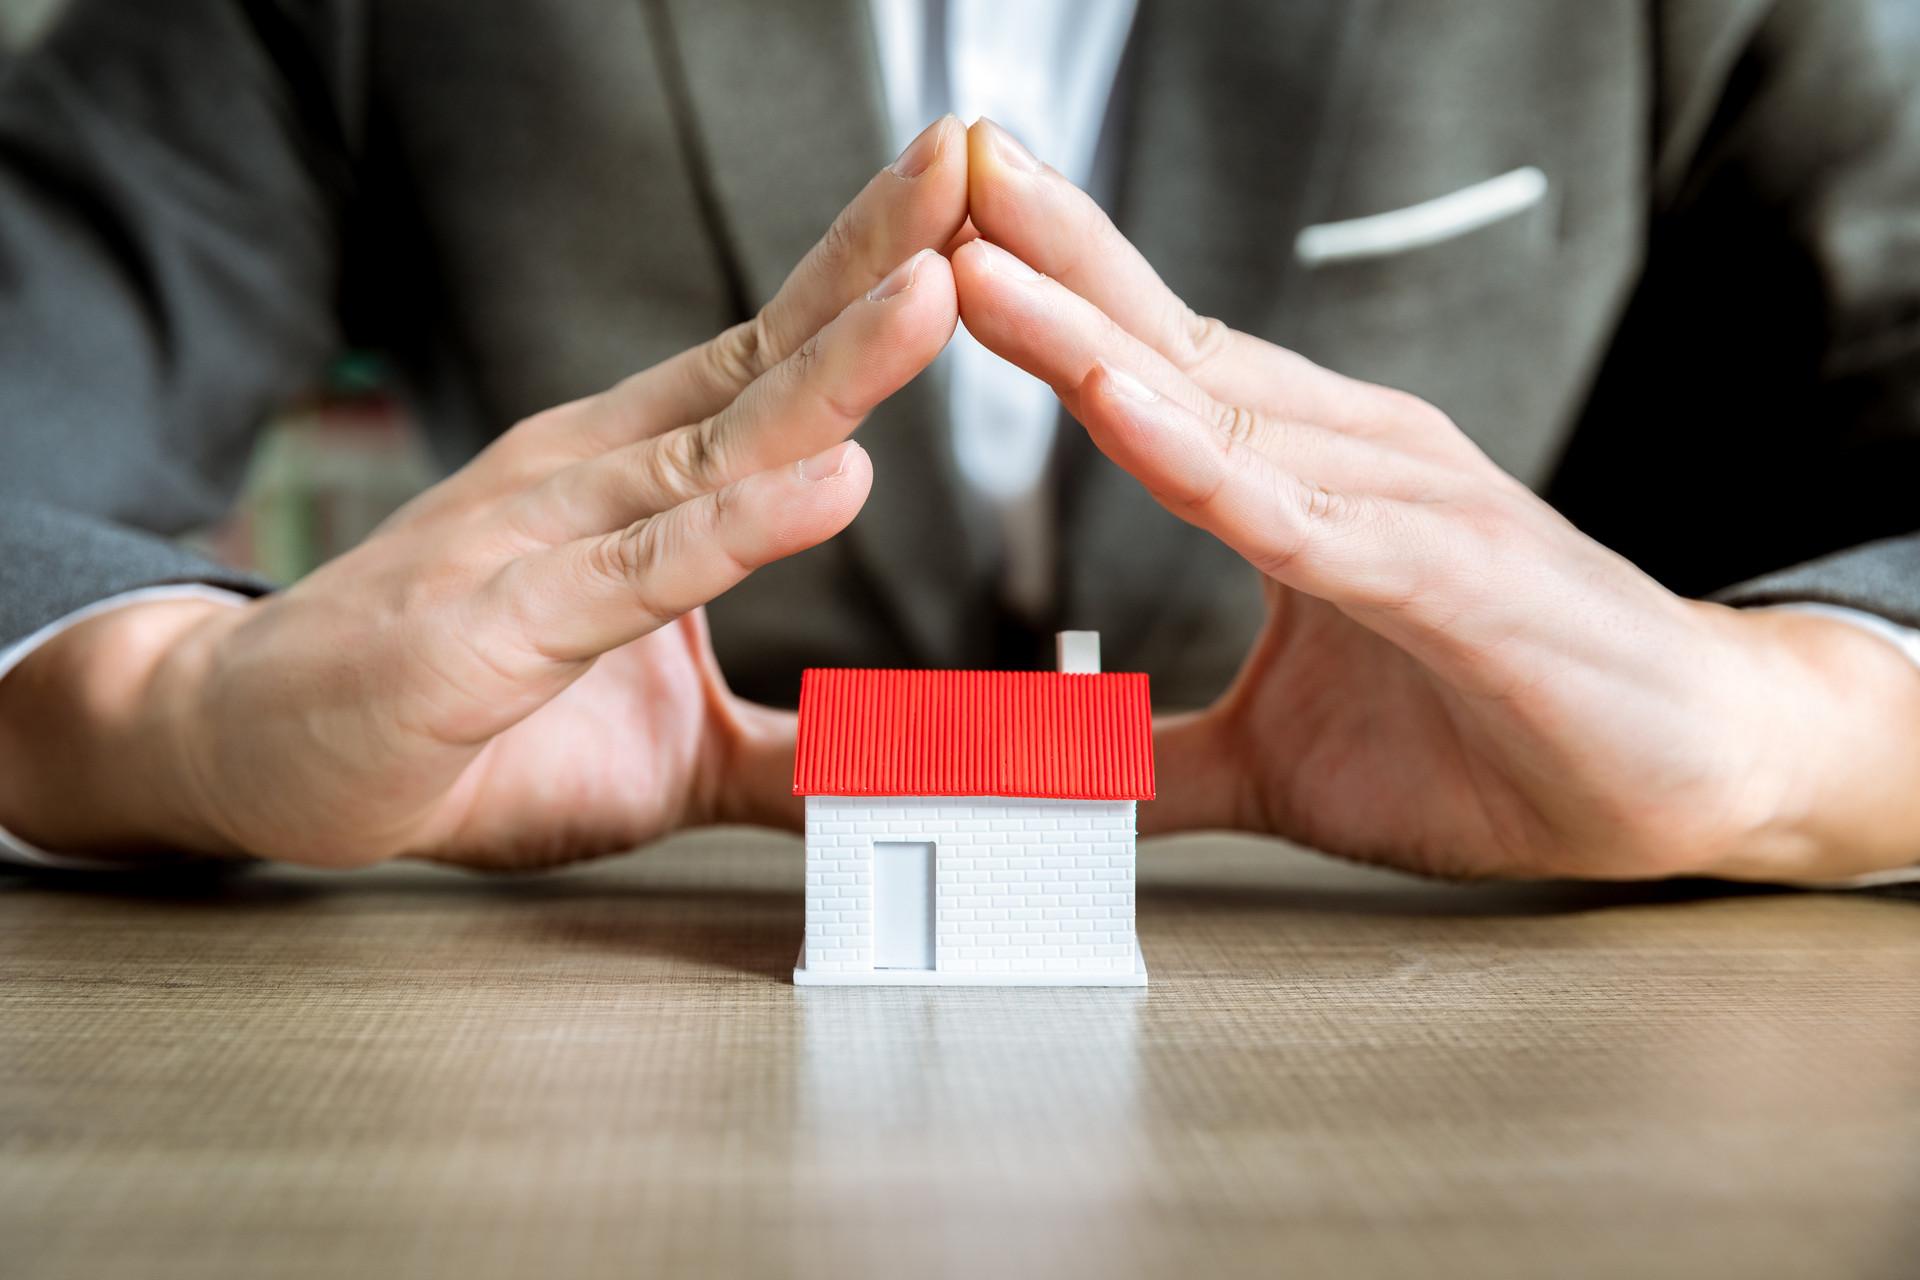 规范市场秩序 青岛发布房产中介、租赁企业投诉通报